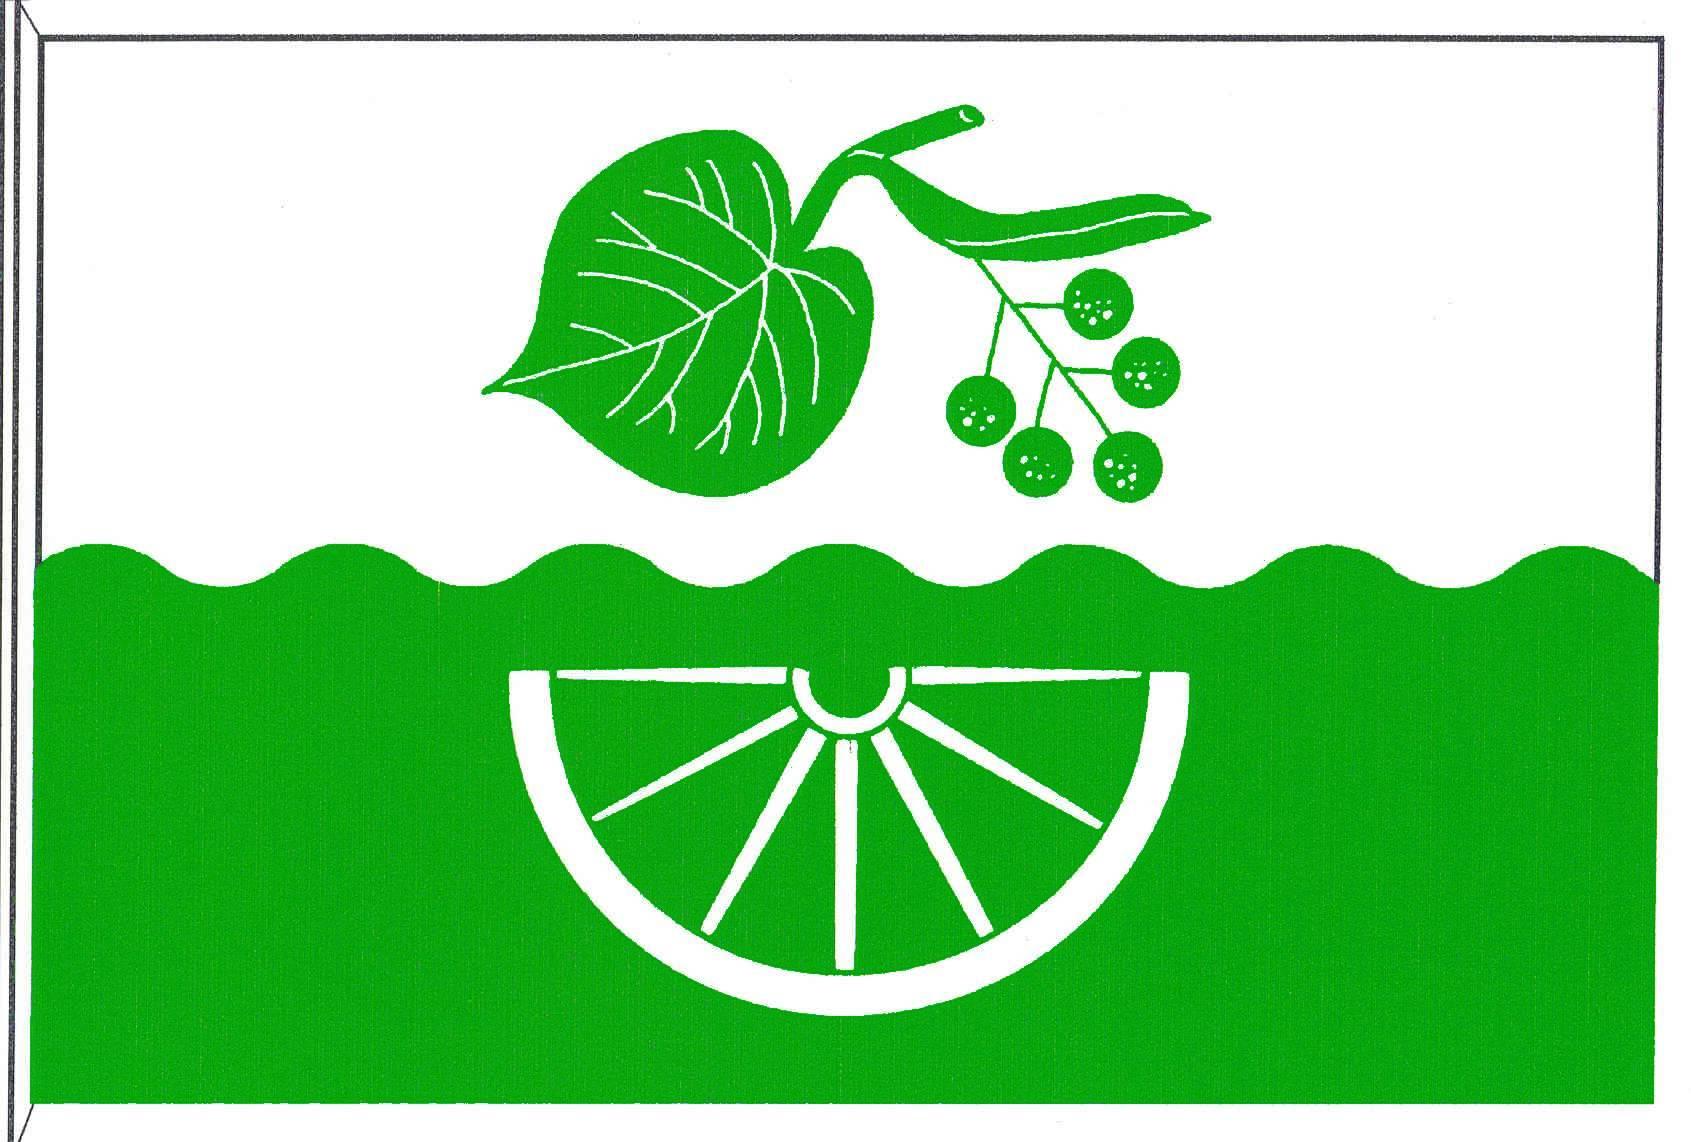 Flagge GemeindeLindewitt, Kreis Schleswig-Flensburg